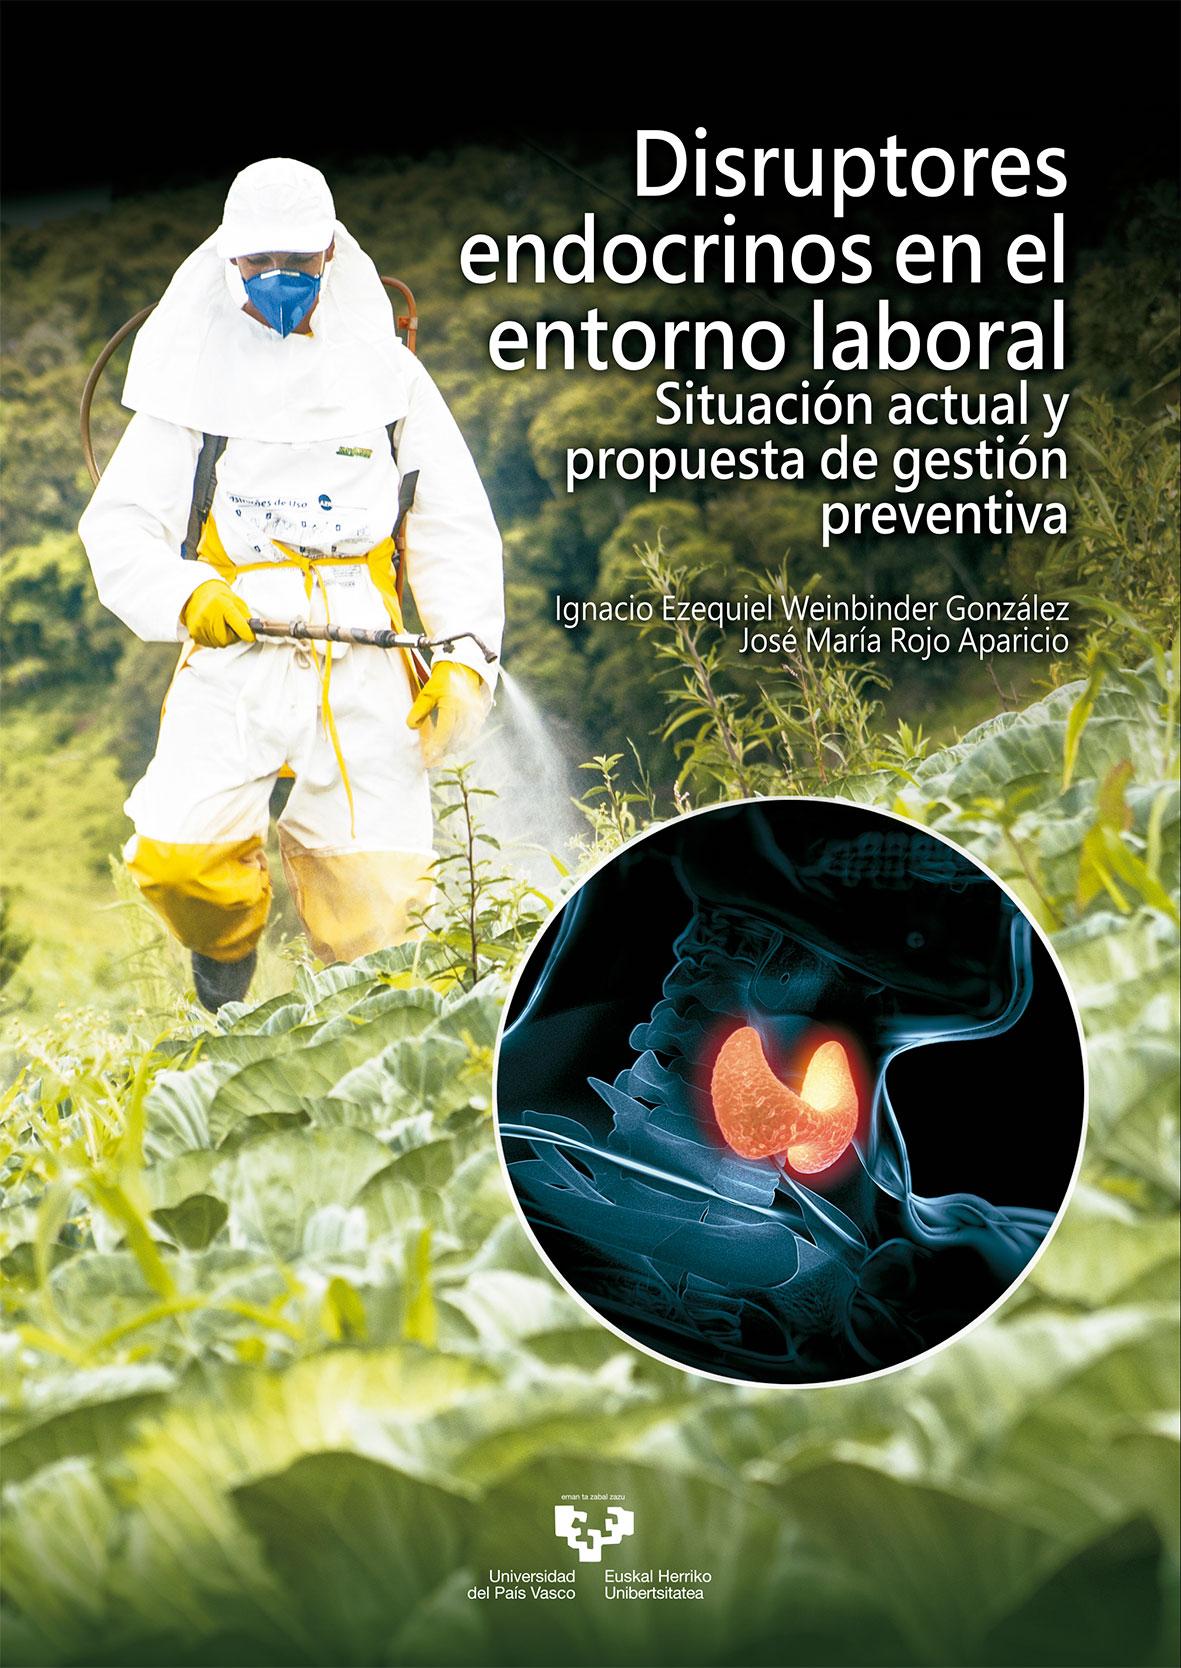 Disruptores endocrinos en el entorno laboral